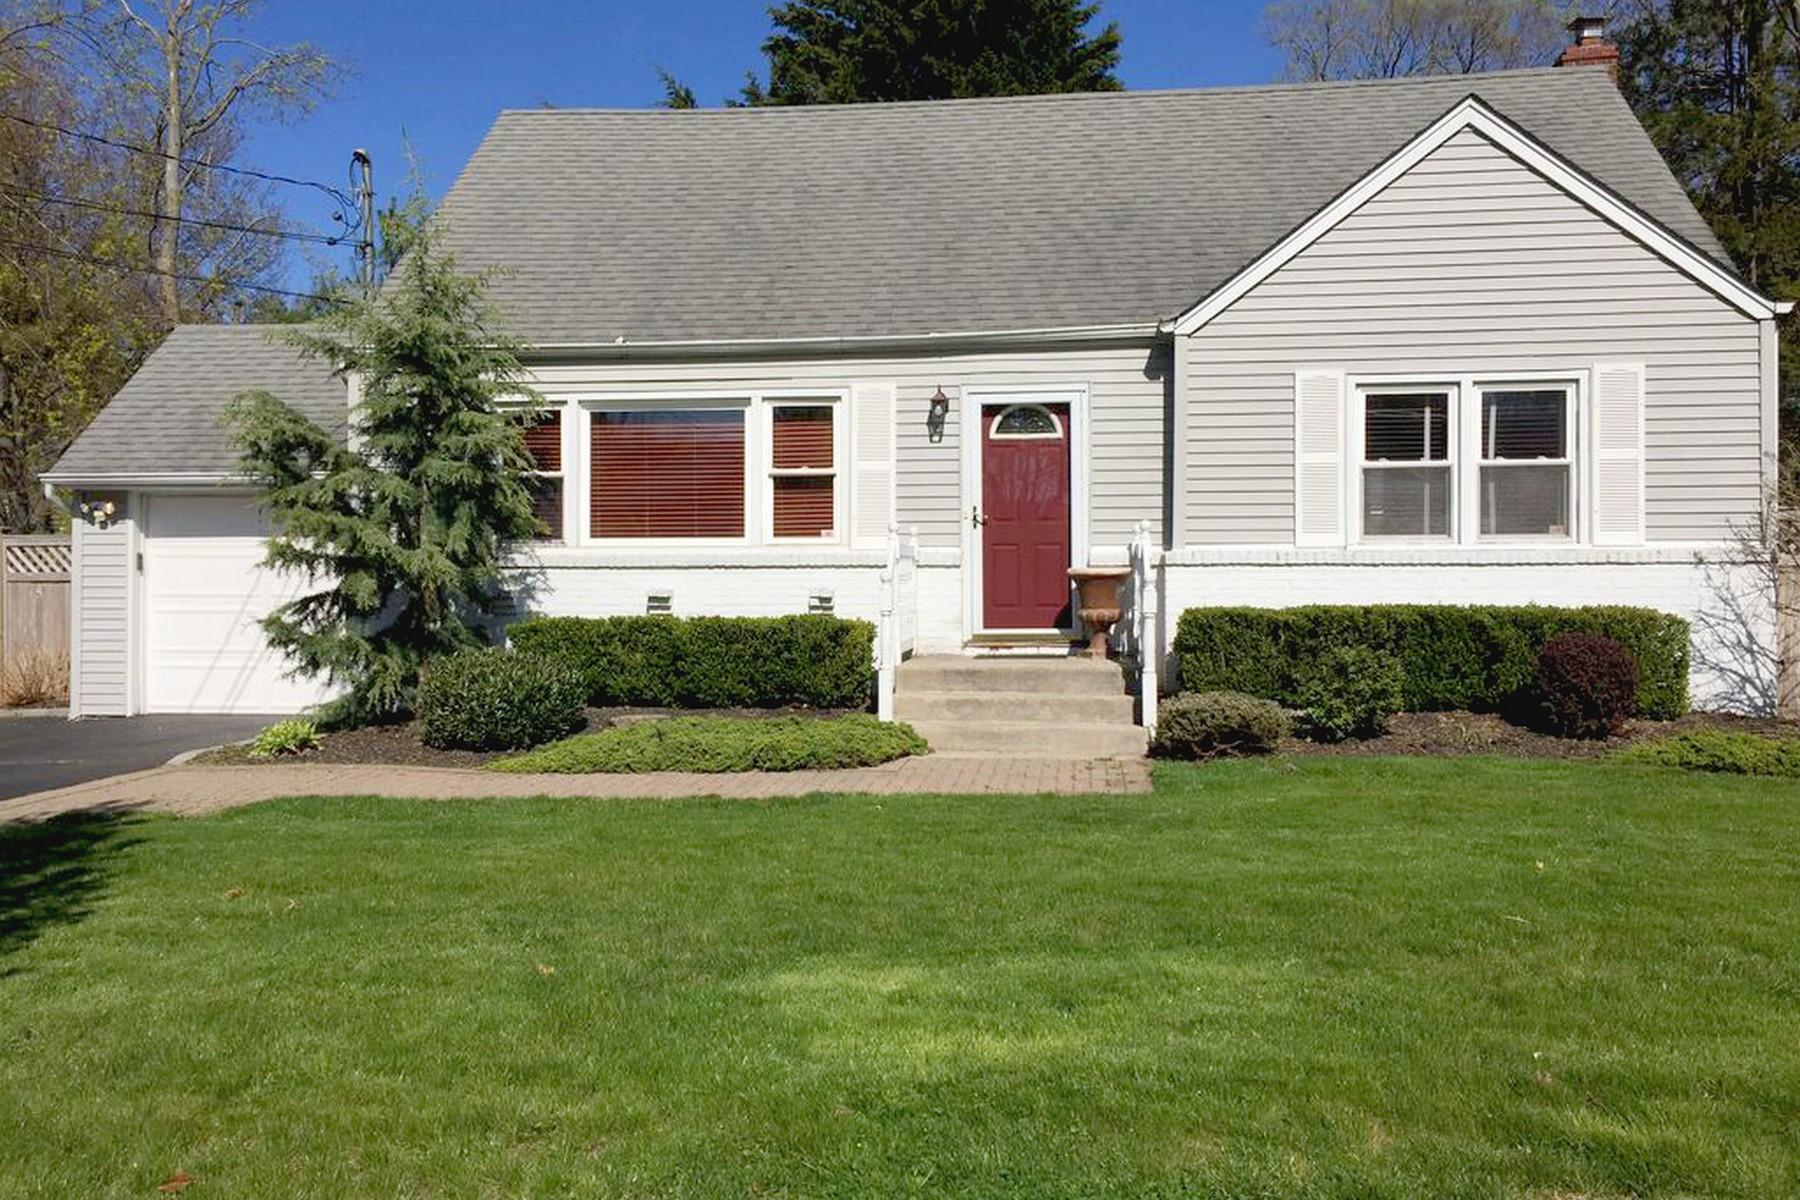 Частный односемейный дом для того Продажа на 130 Lodge Ave , Huntington Sta, NY 11746 130 Lodge Ave, Huntington Station, Нью-Йорк, 11746 Соединенные Штаты